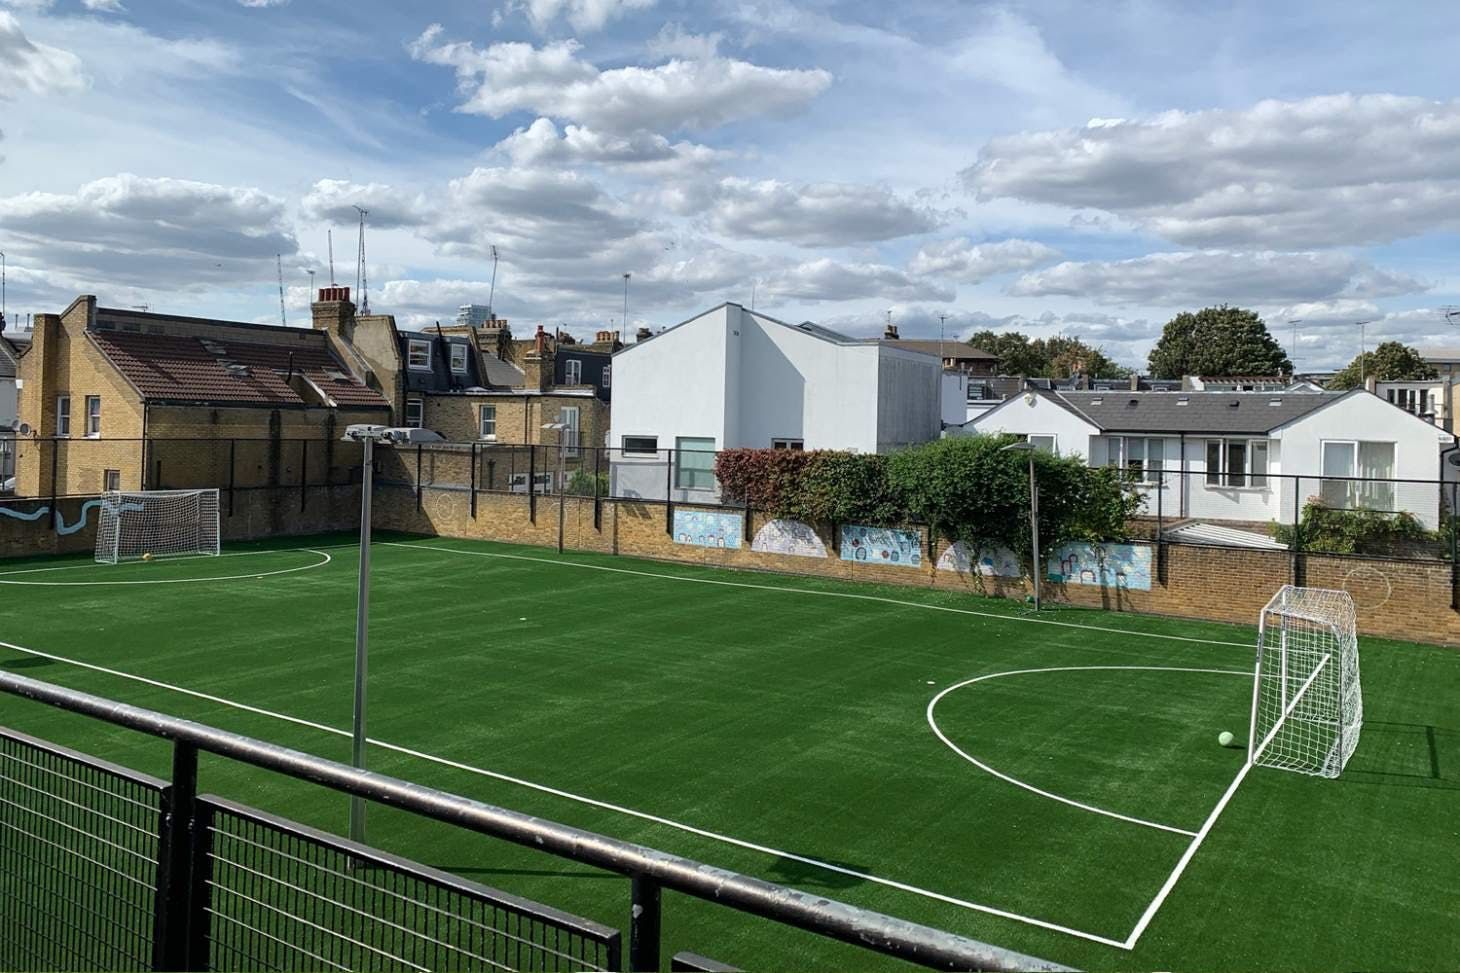 St Faiths School Wandsworth 3 a side | 3G Astroturf football pitch